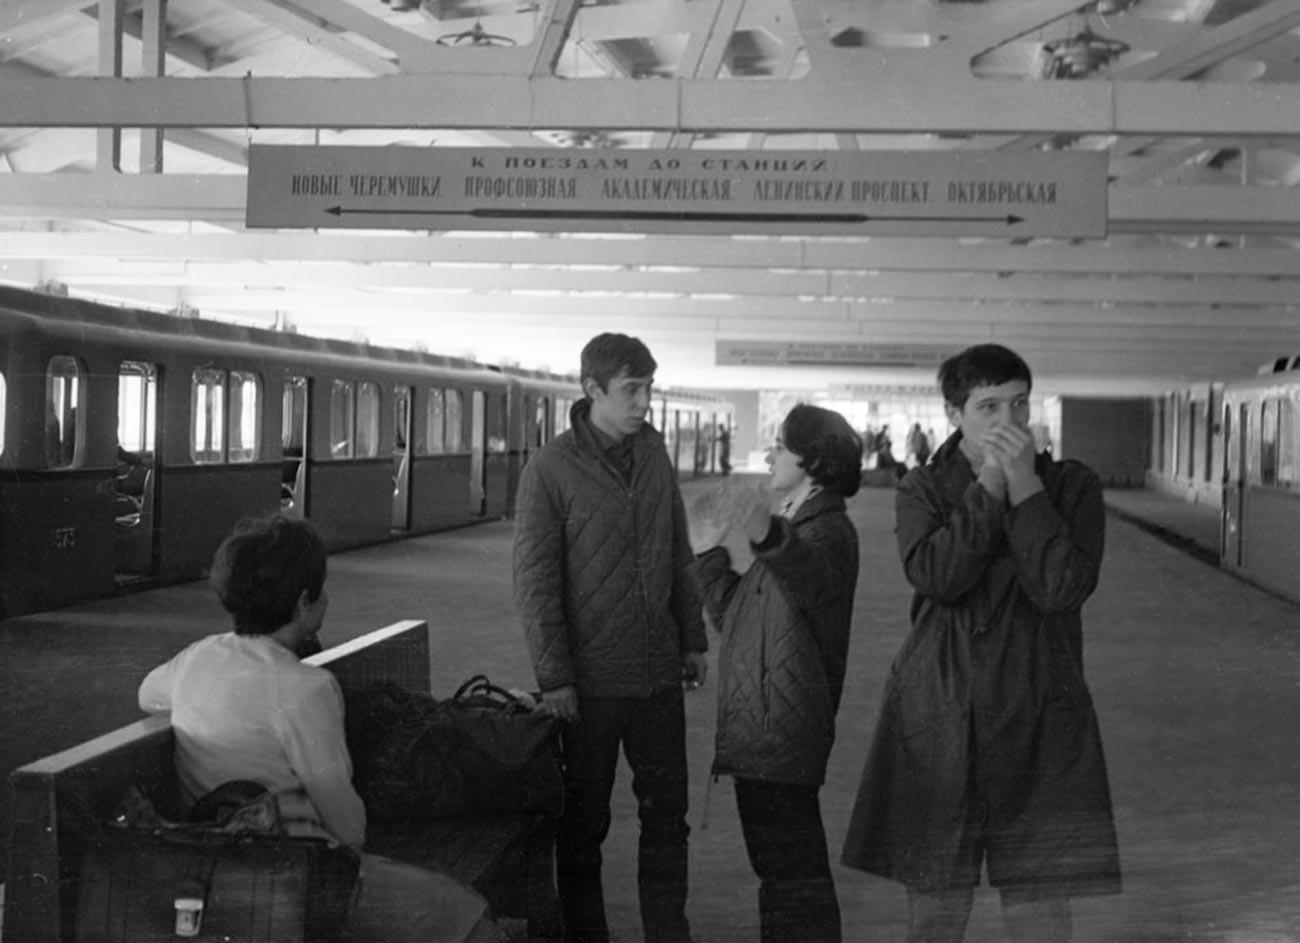 カルーシスカヤ駅の内装